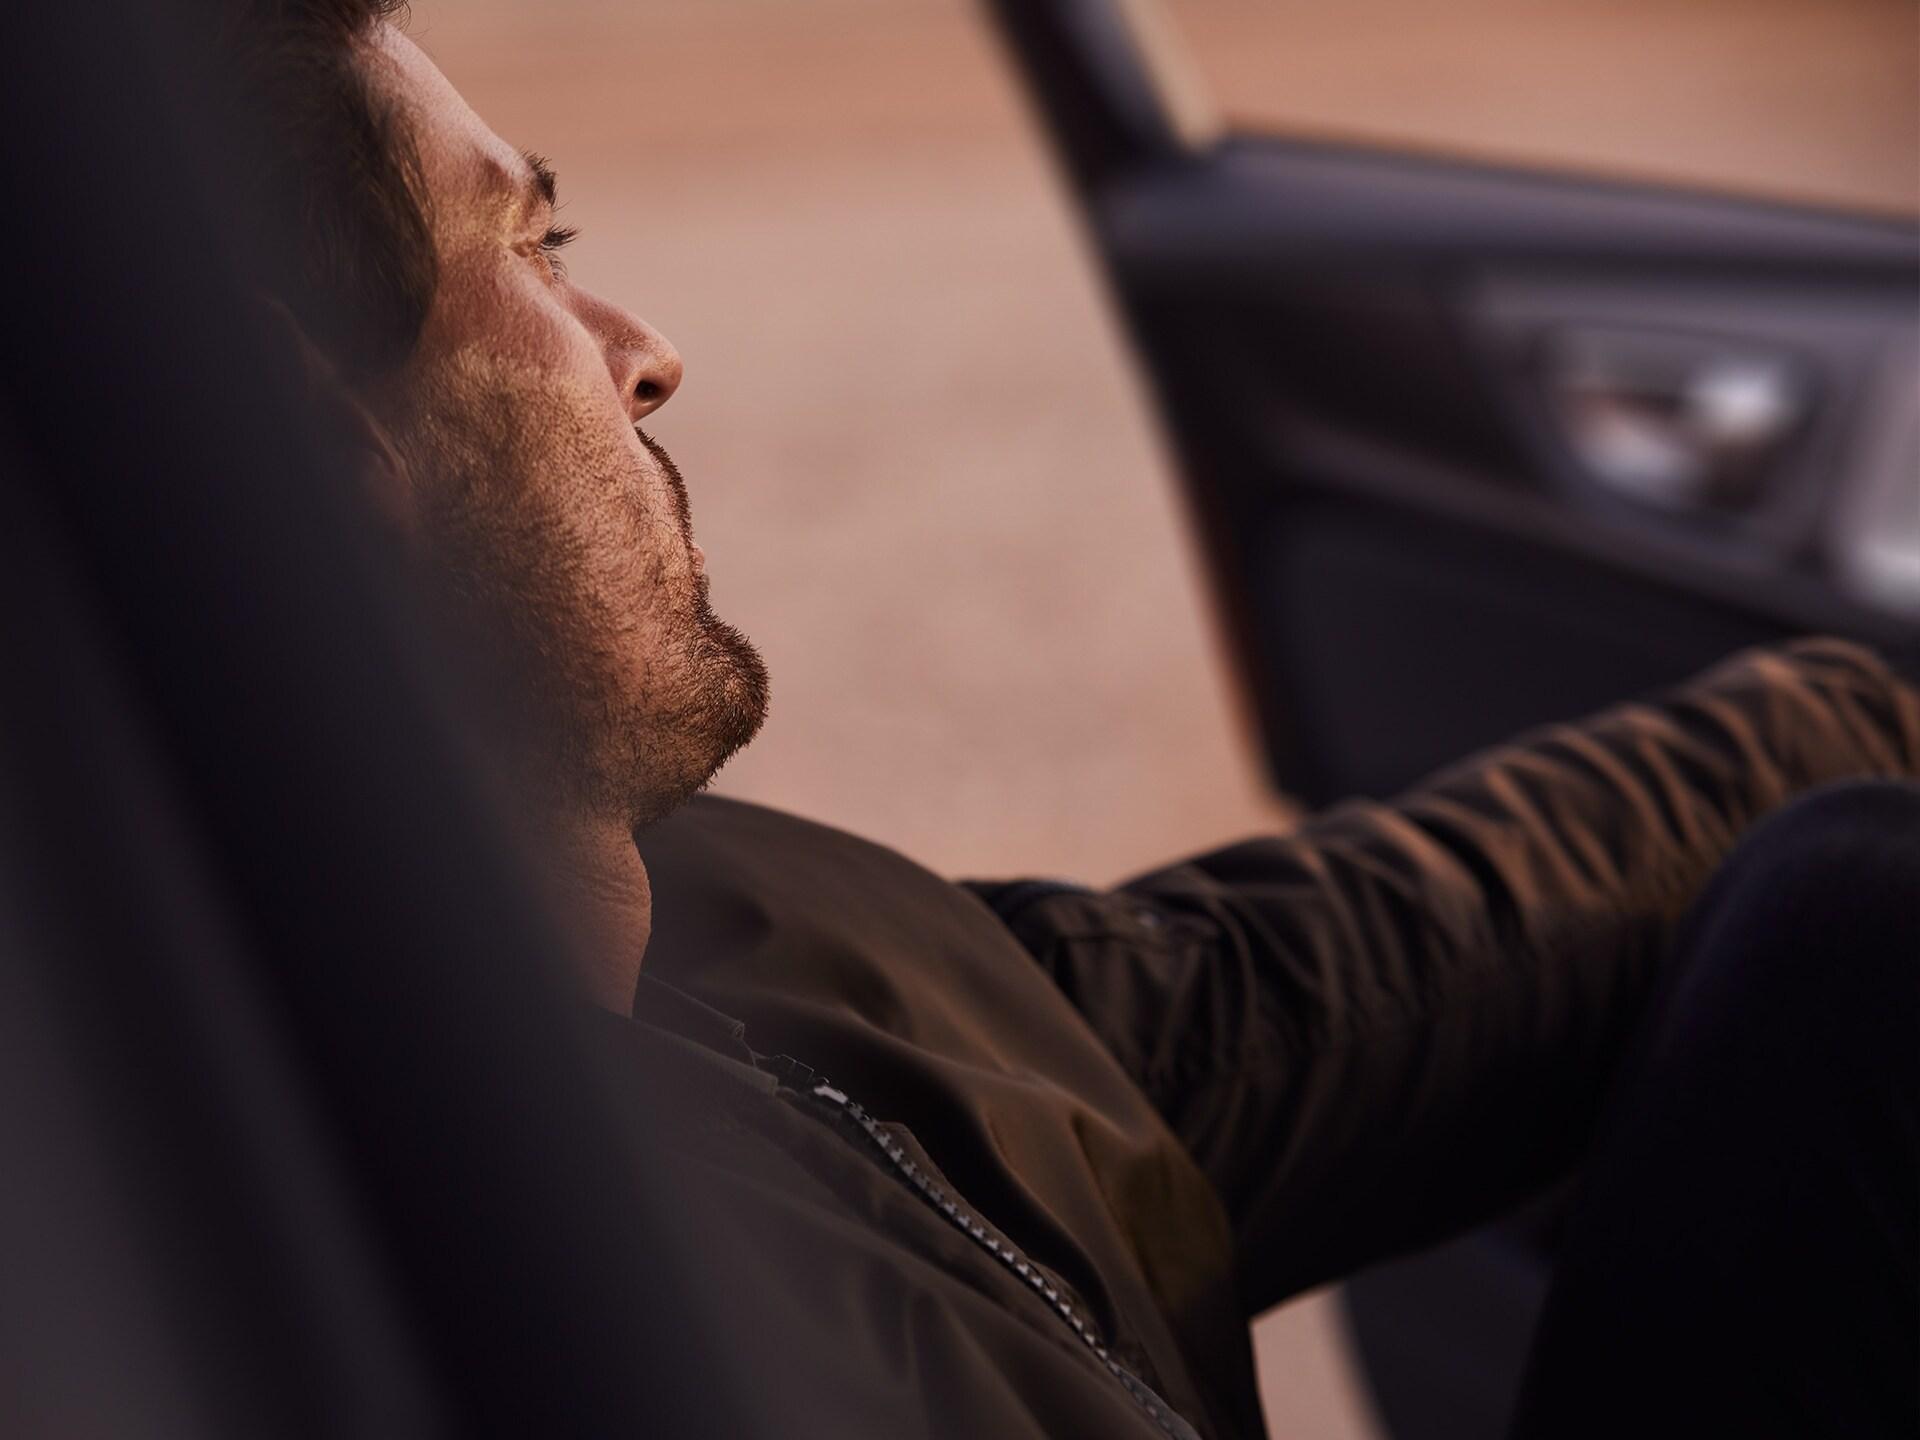 Ein Mann sitzt in seinem Auto mit offener Tür und blickt hinaus